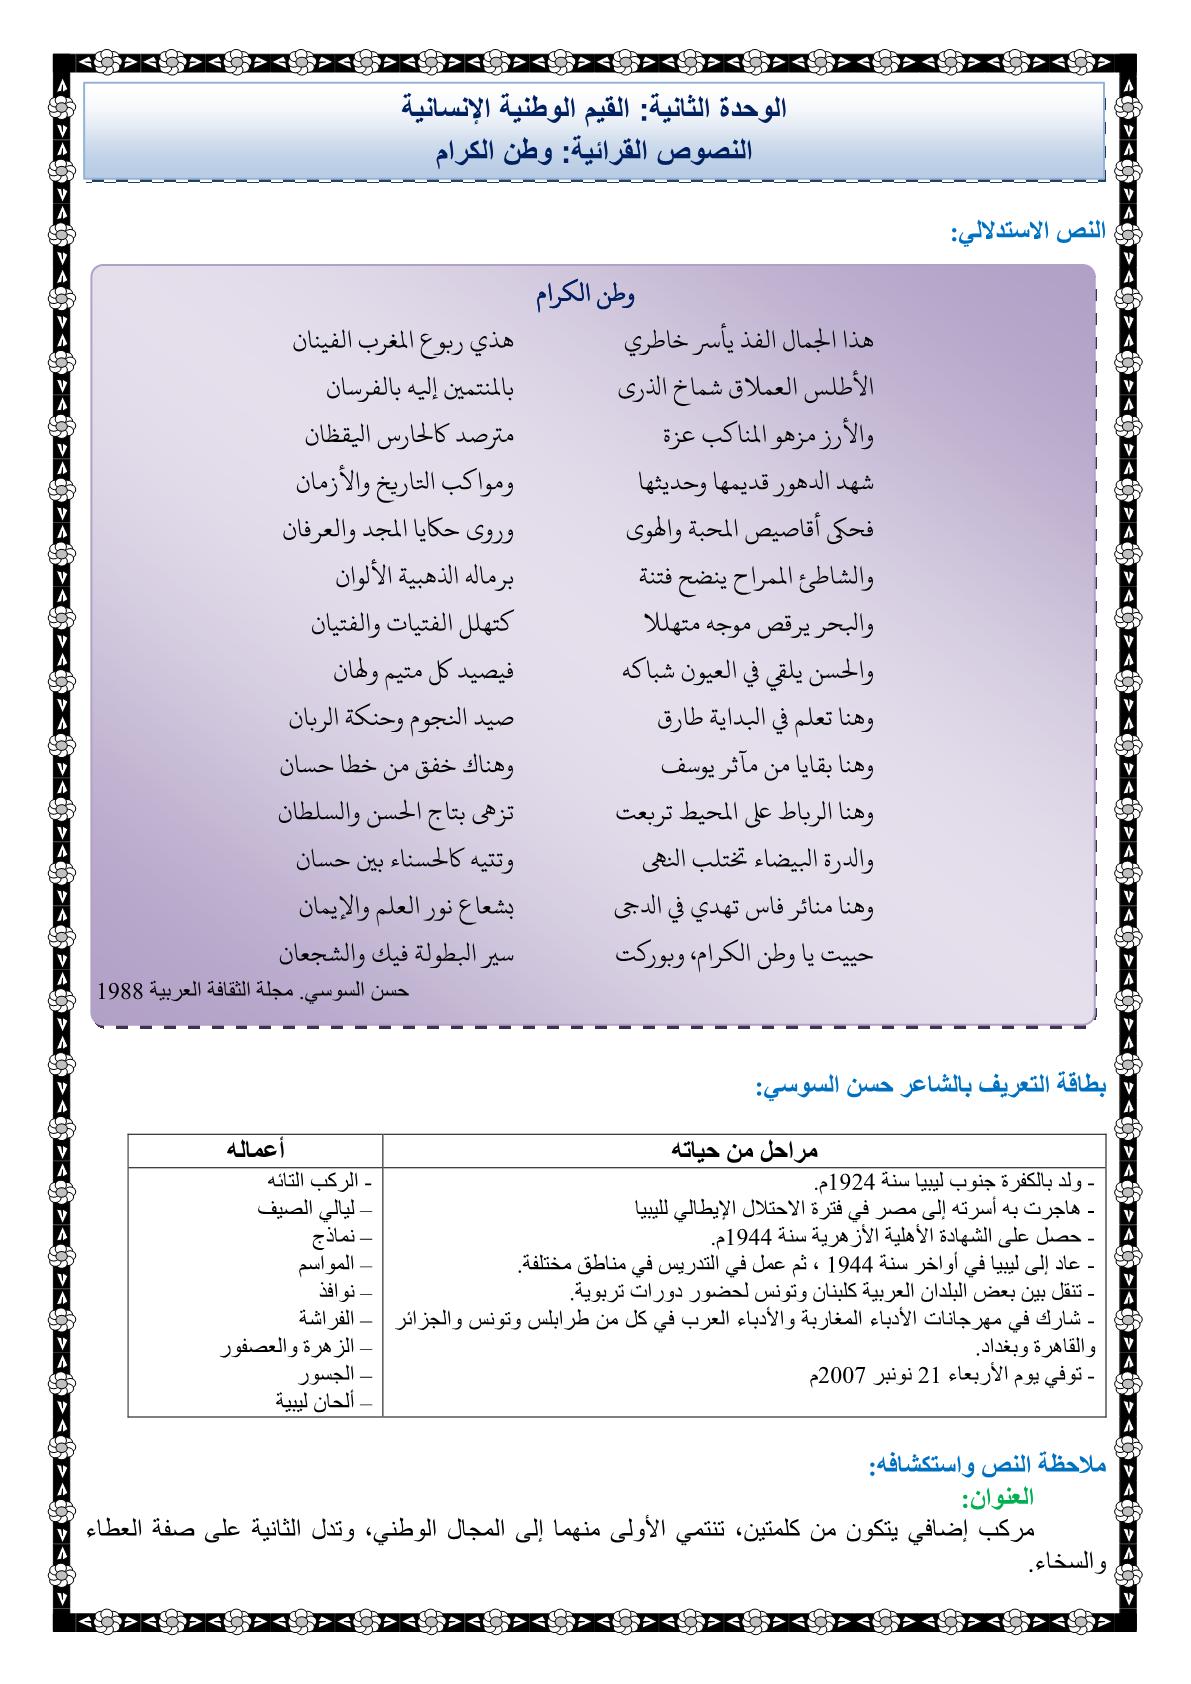 درس وطن الكرام مادة اللغة العربية مكون النصوص القرائية للسنة الثانية اعدادي